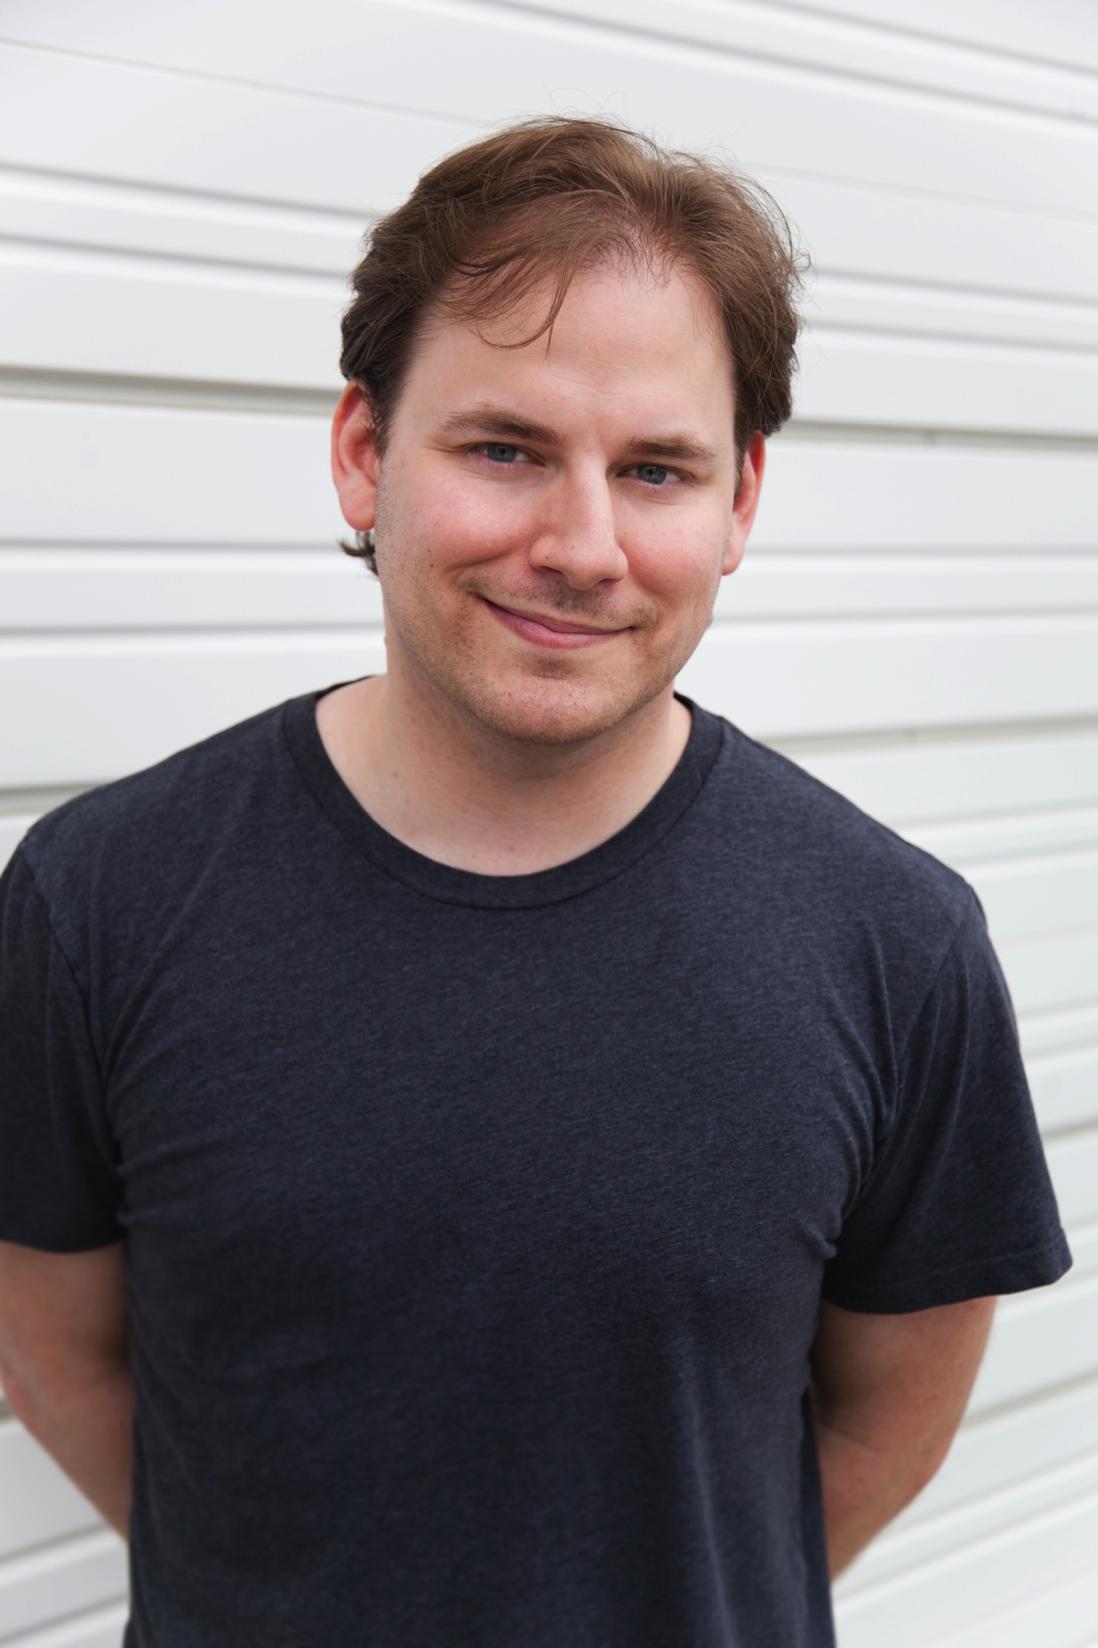 Ryan Haywood Rwby Wiki Fandom Powered By Wikia